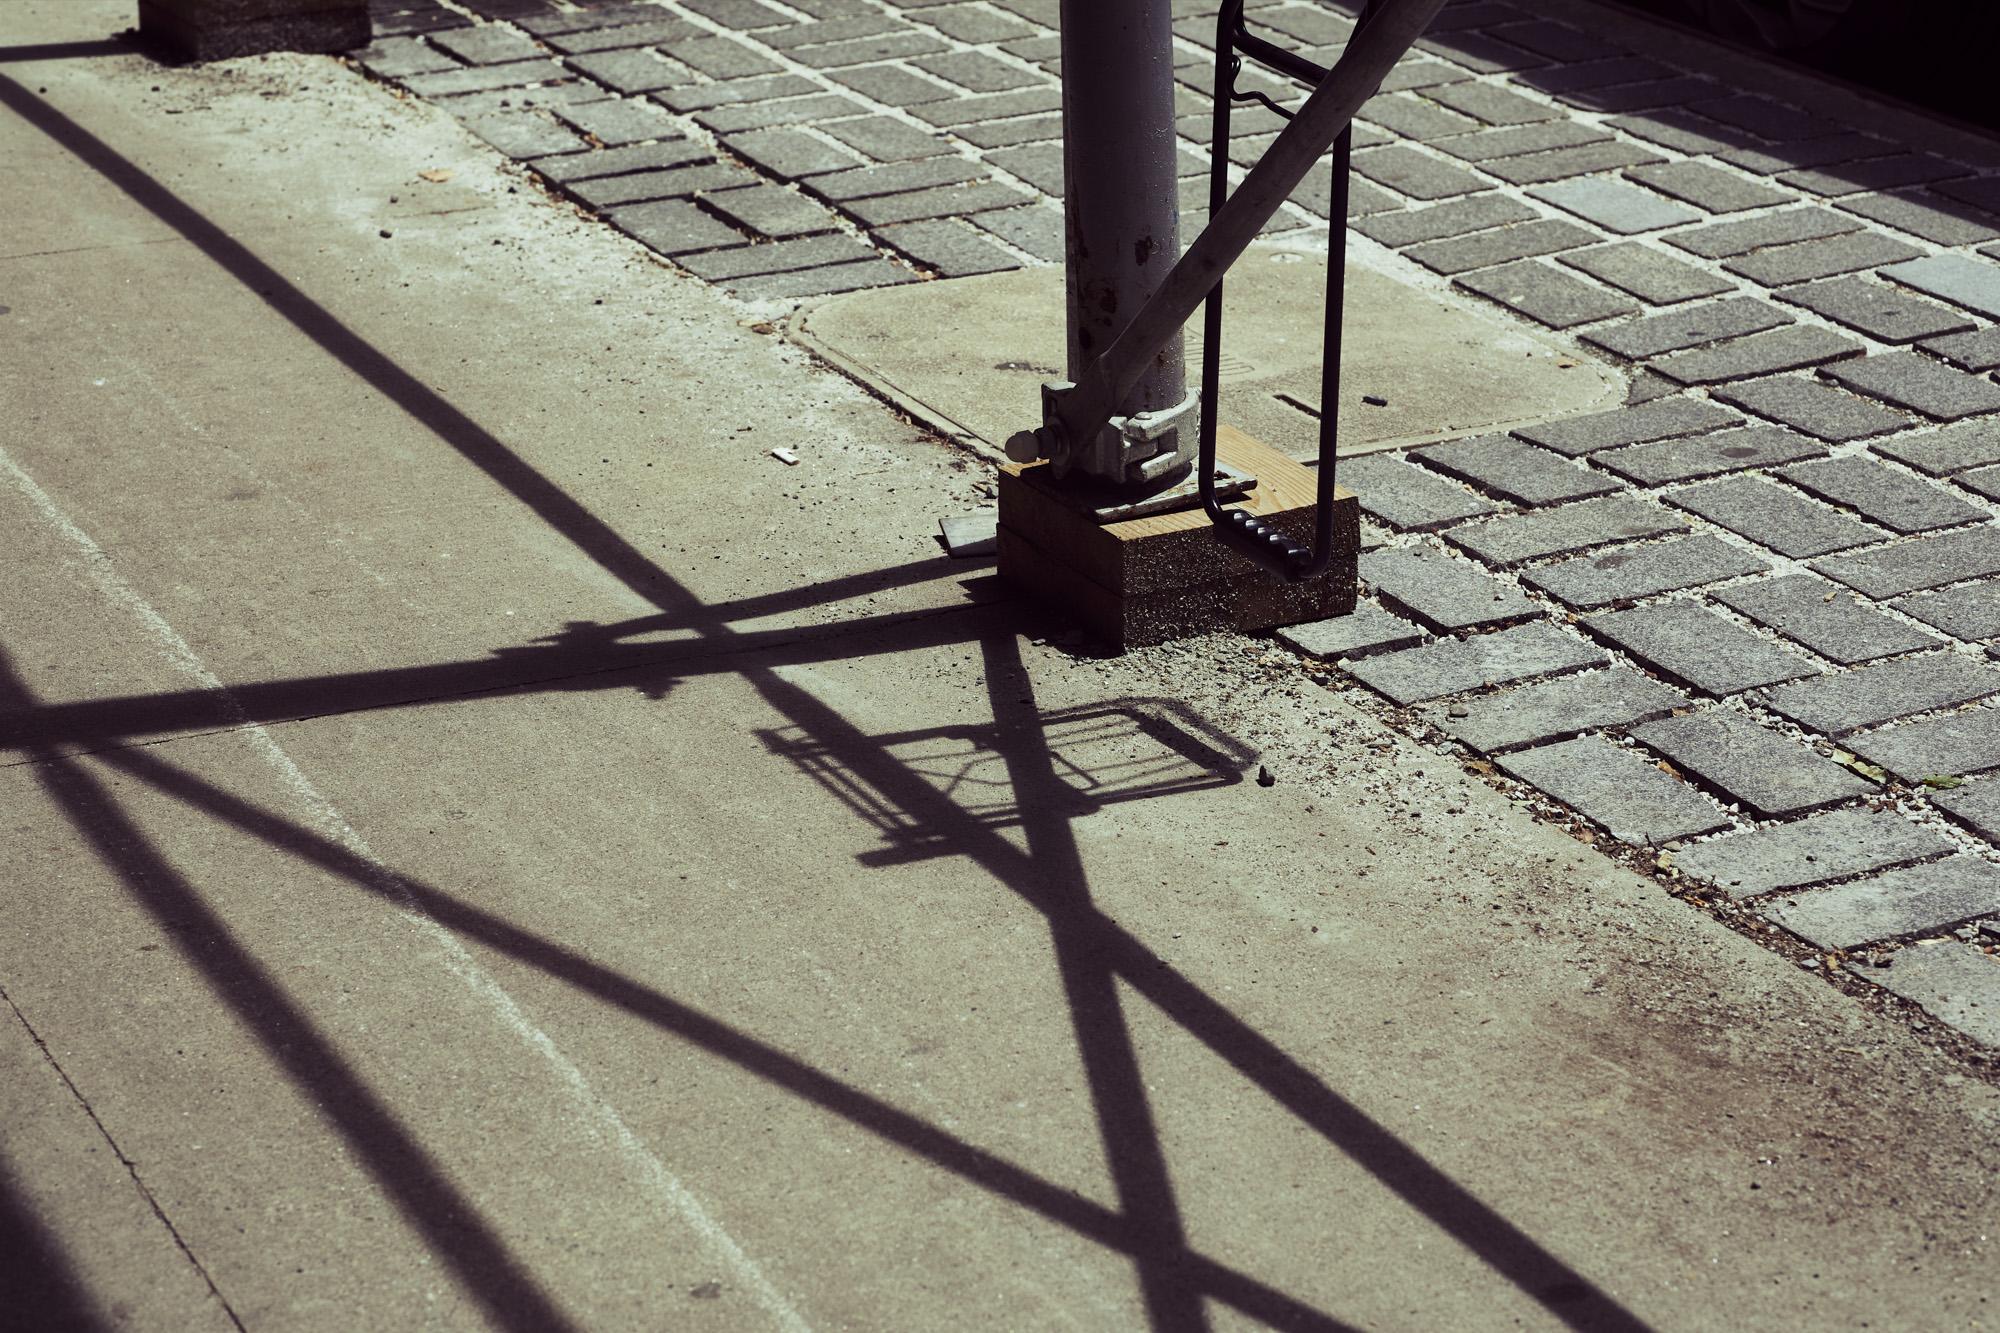 kyrani-kanavaros-new-york-photography-39.jpg